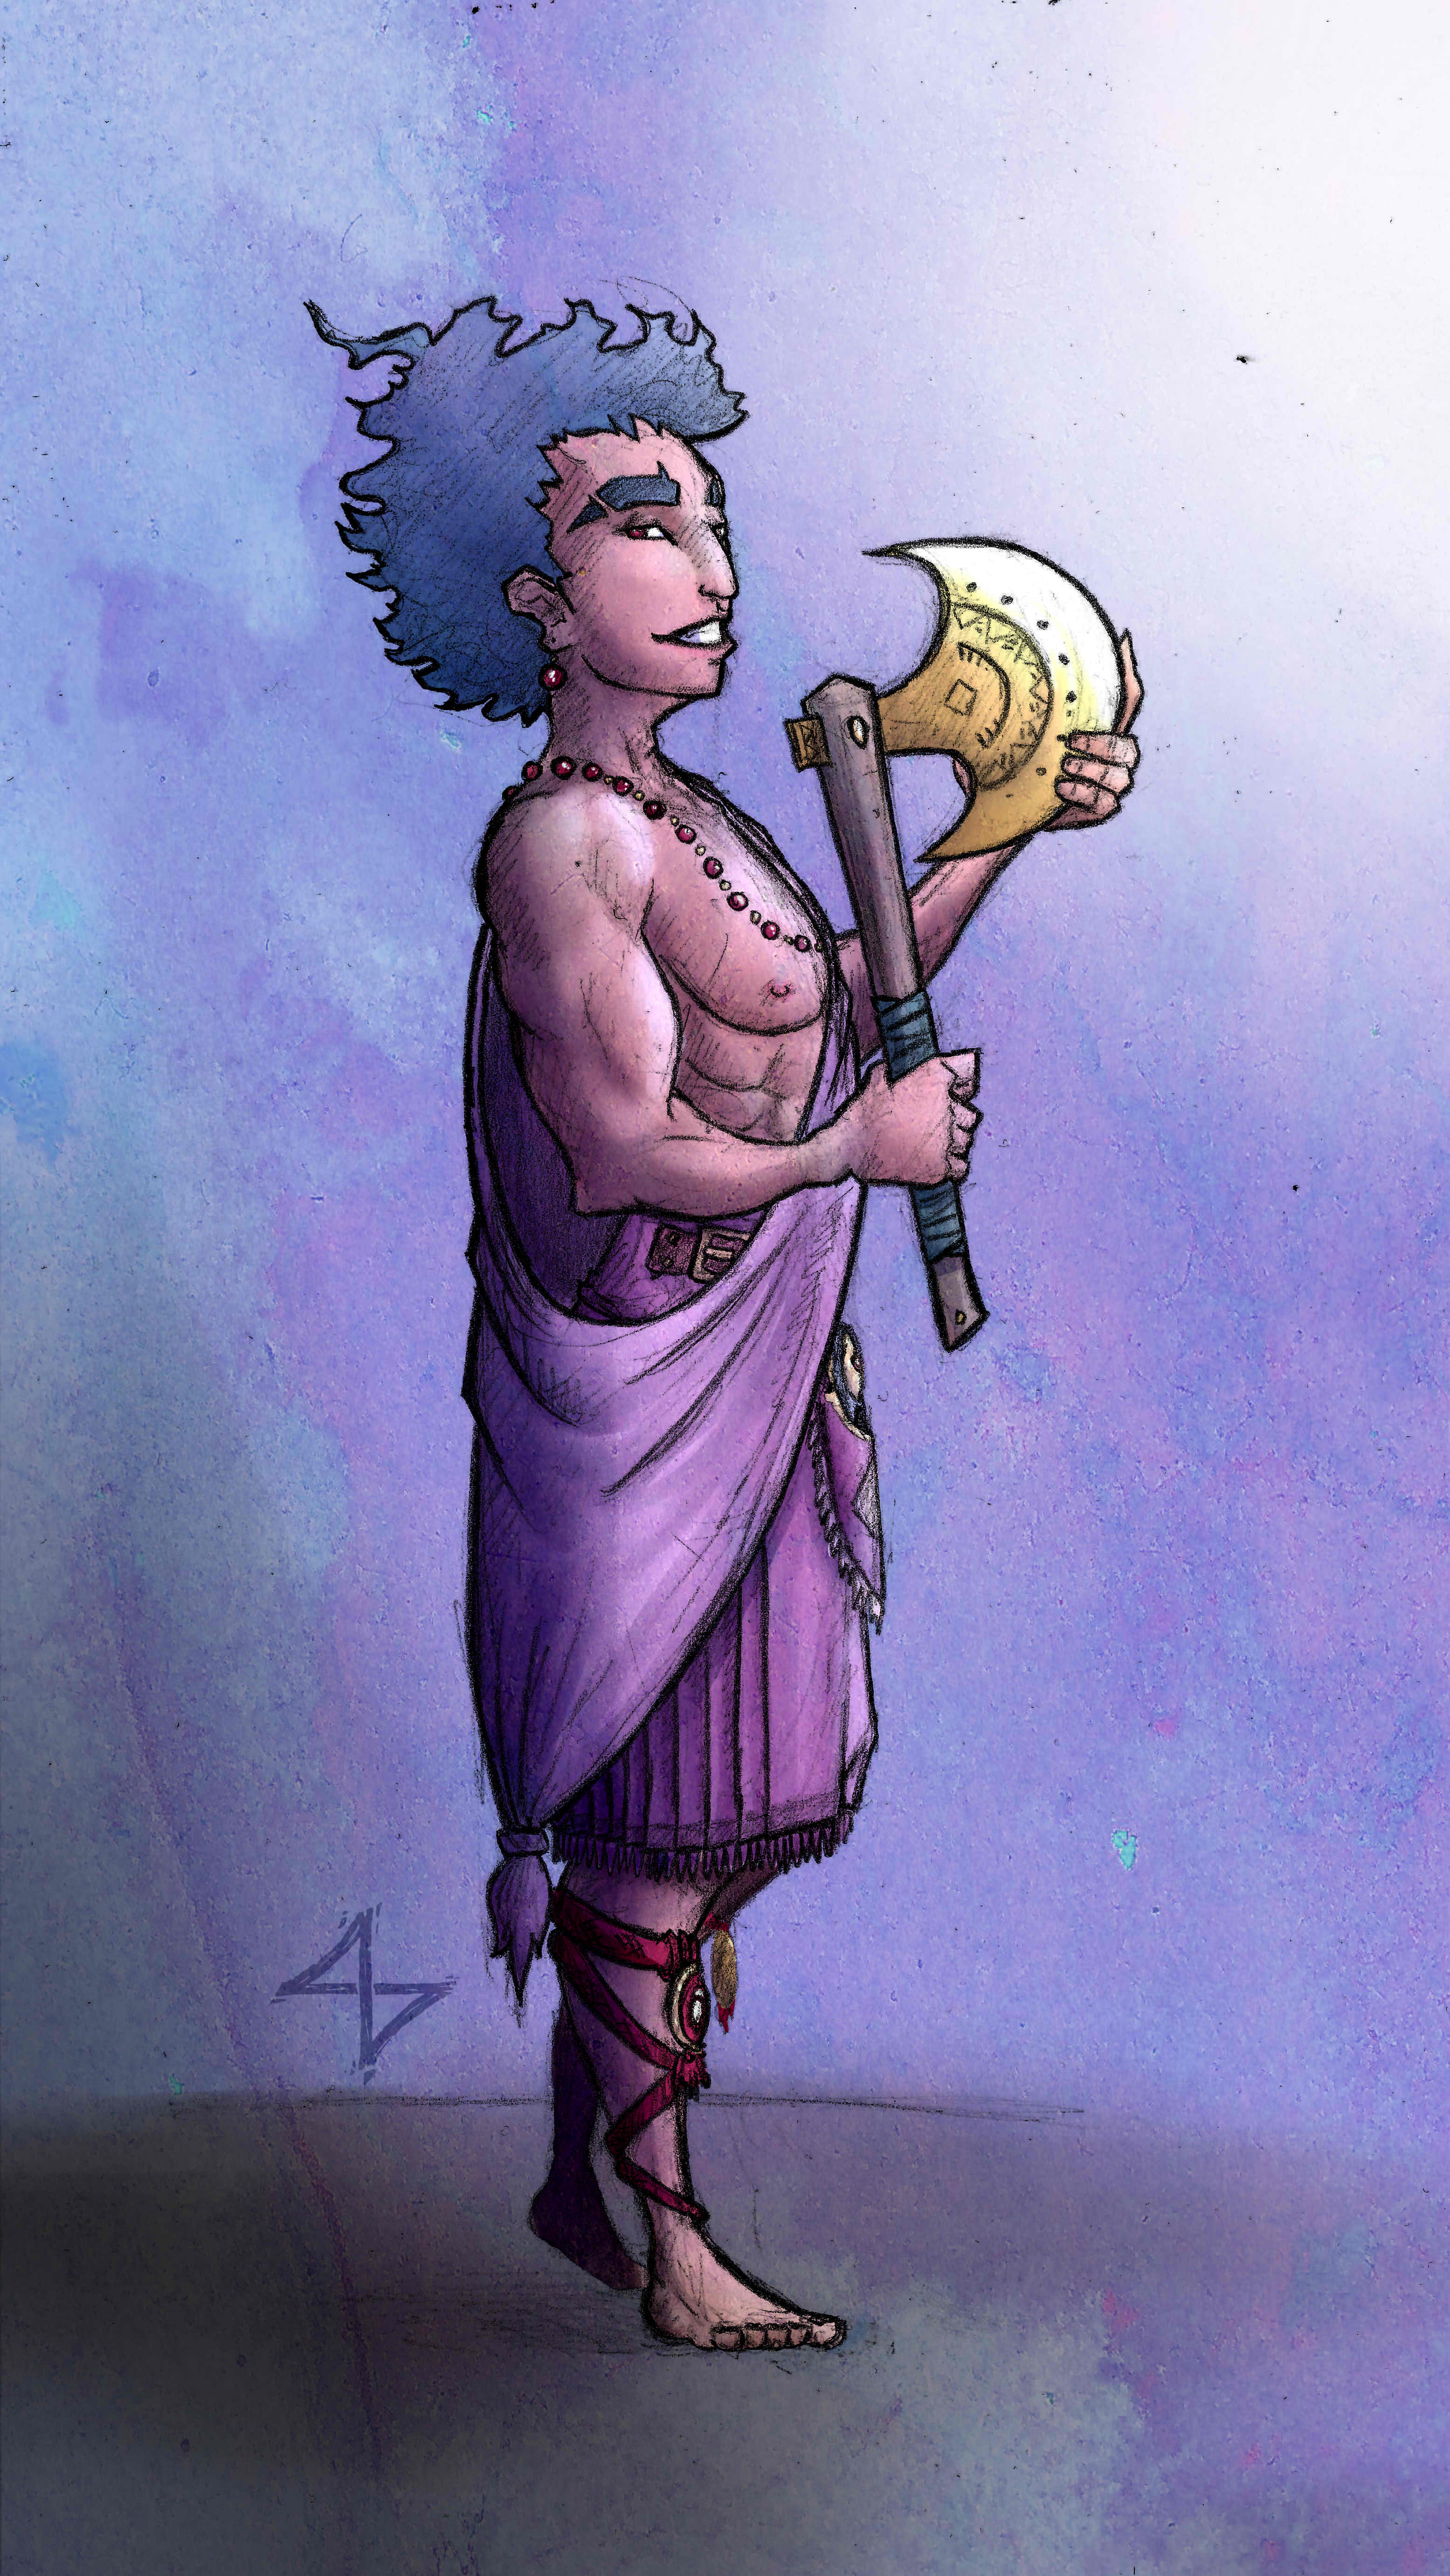 The Wulver Prince